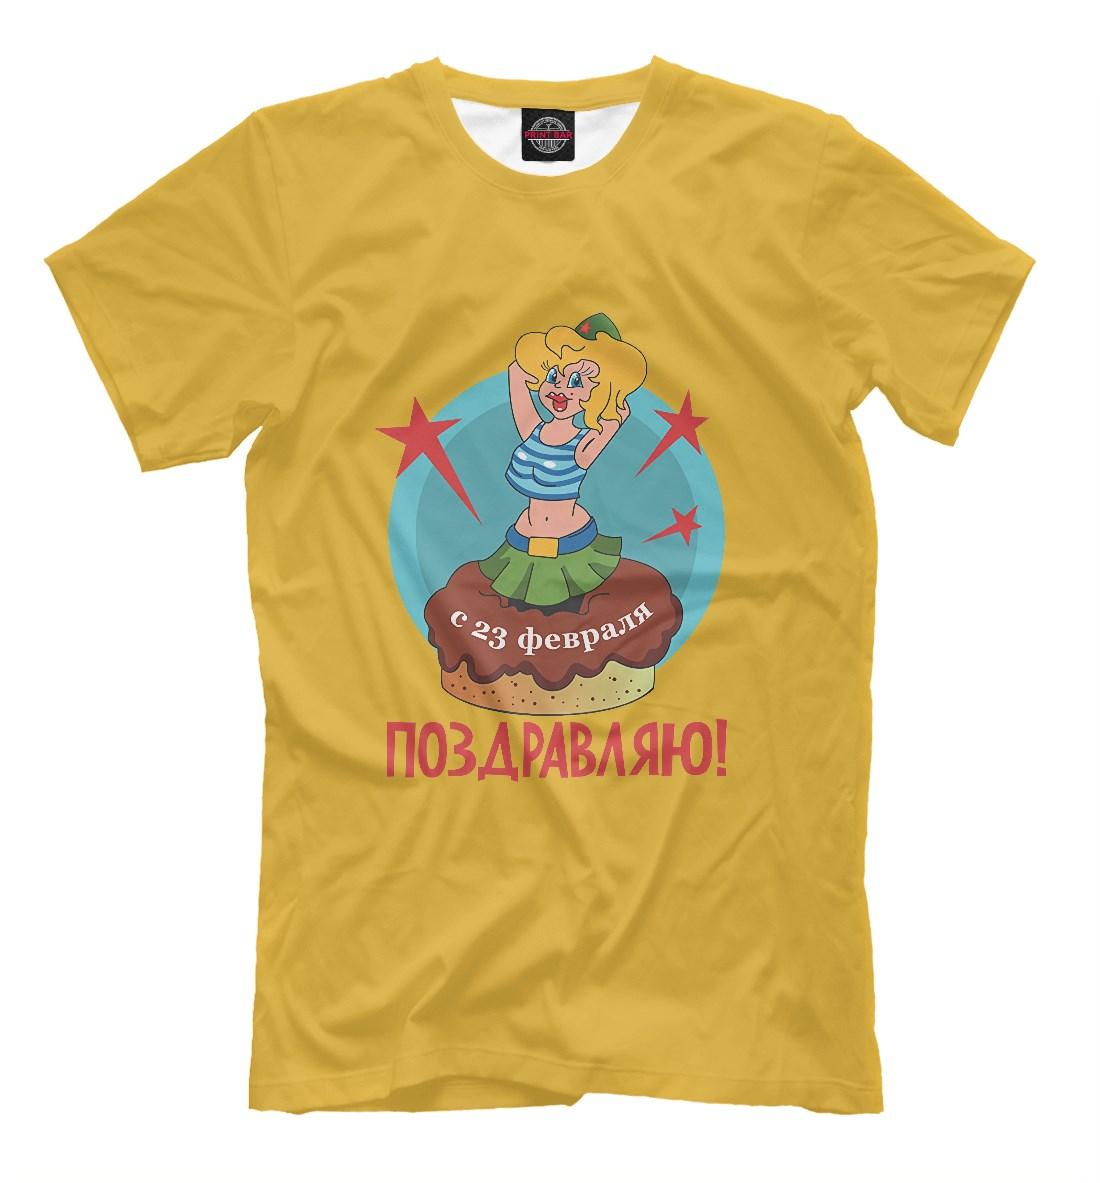 группы футболка с поздравлением 30 лет как раз привлекли